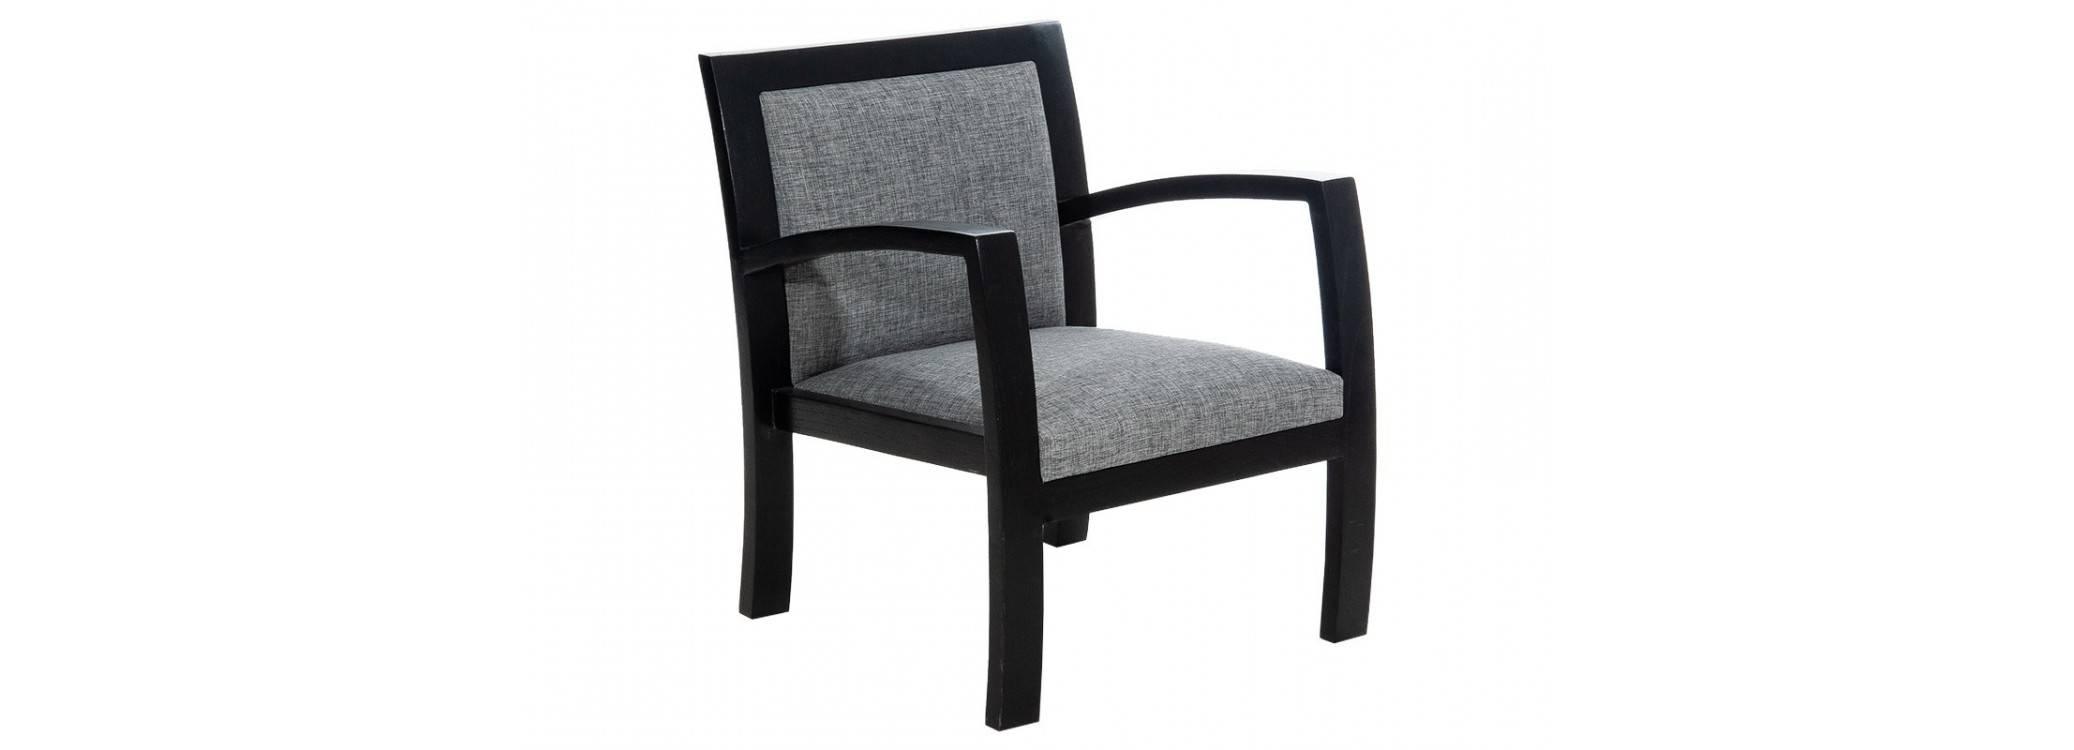 Fauteuil Combo - Bois noir & tissu gris